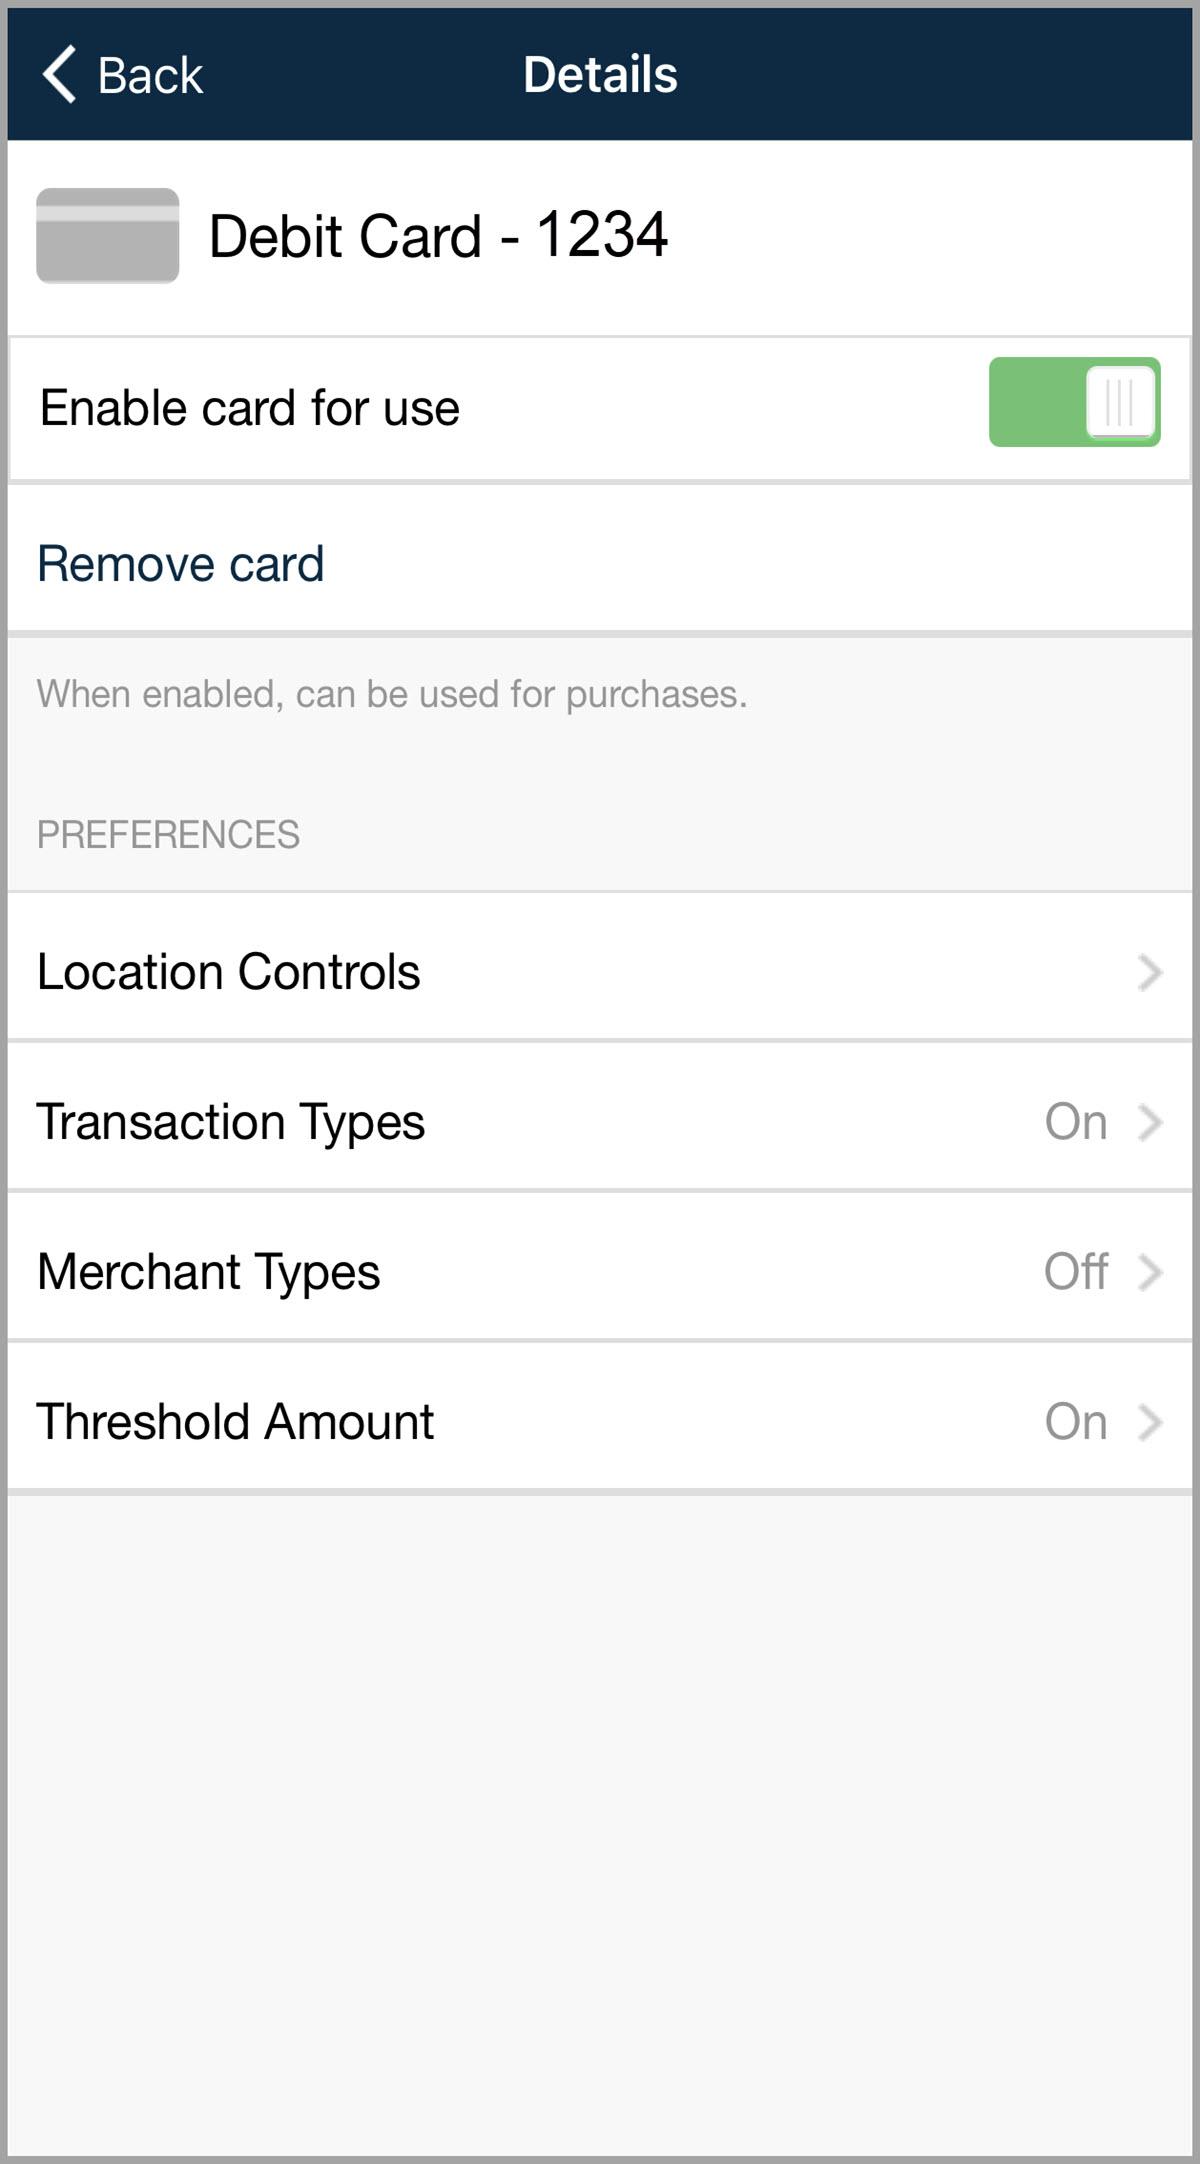 Card Controls - Details Screen